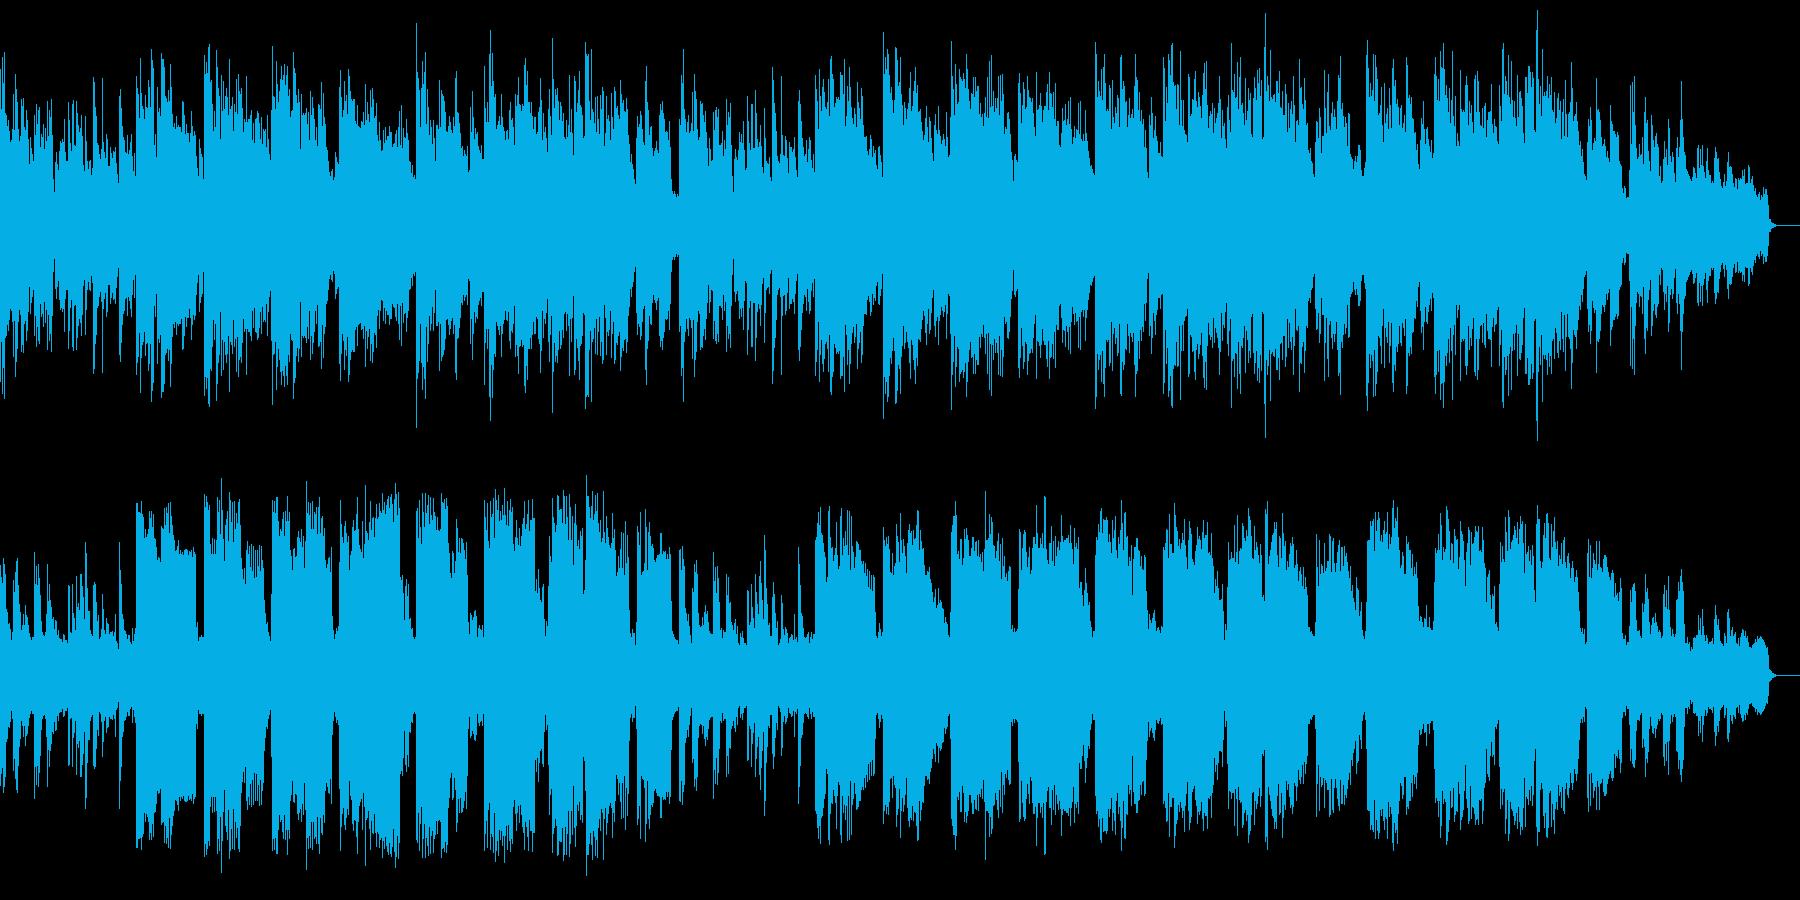 ピアノによる大人の優しい子守唄の再生済みの波形